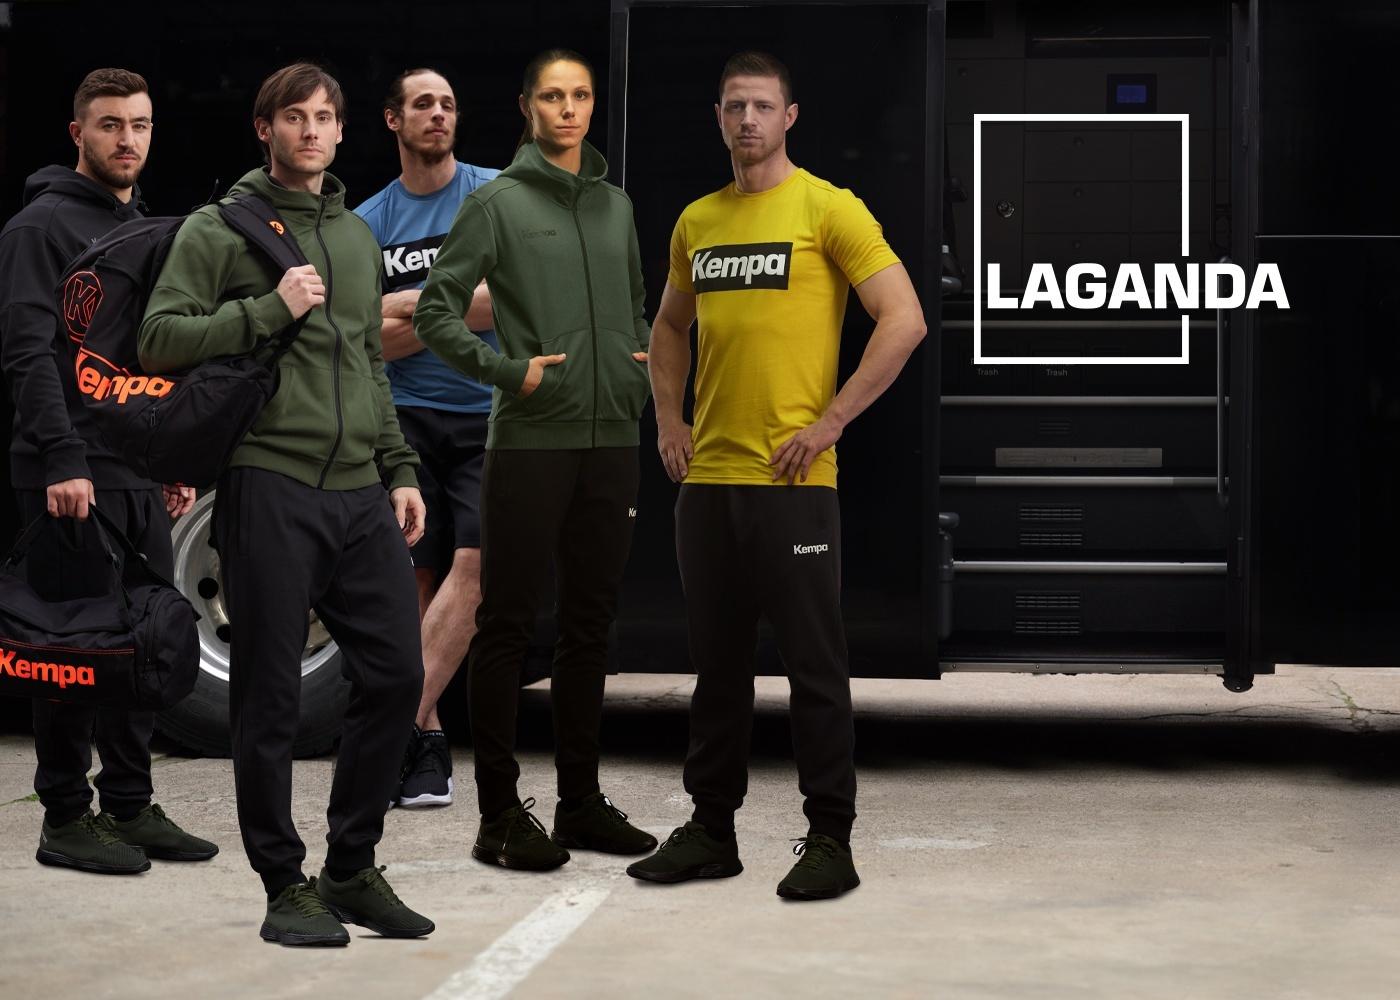 LAGANDA Freizeitkollektion von Kempa zum Handball EM 2020